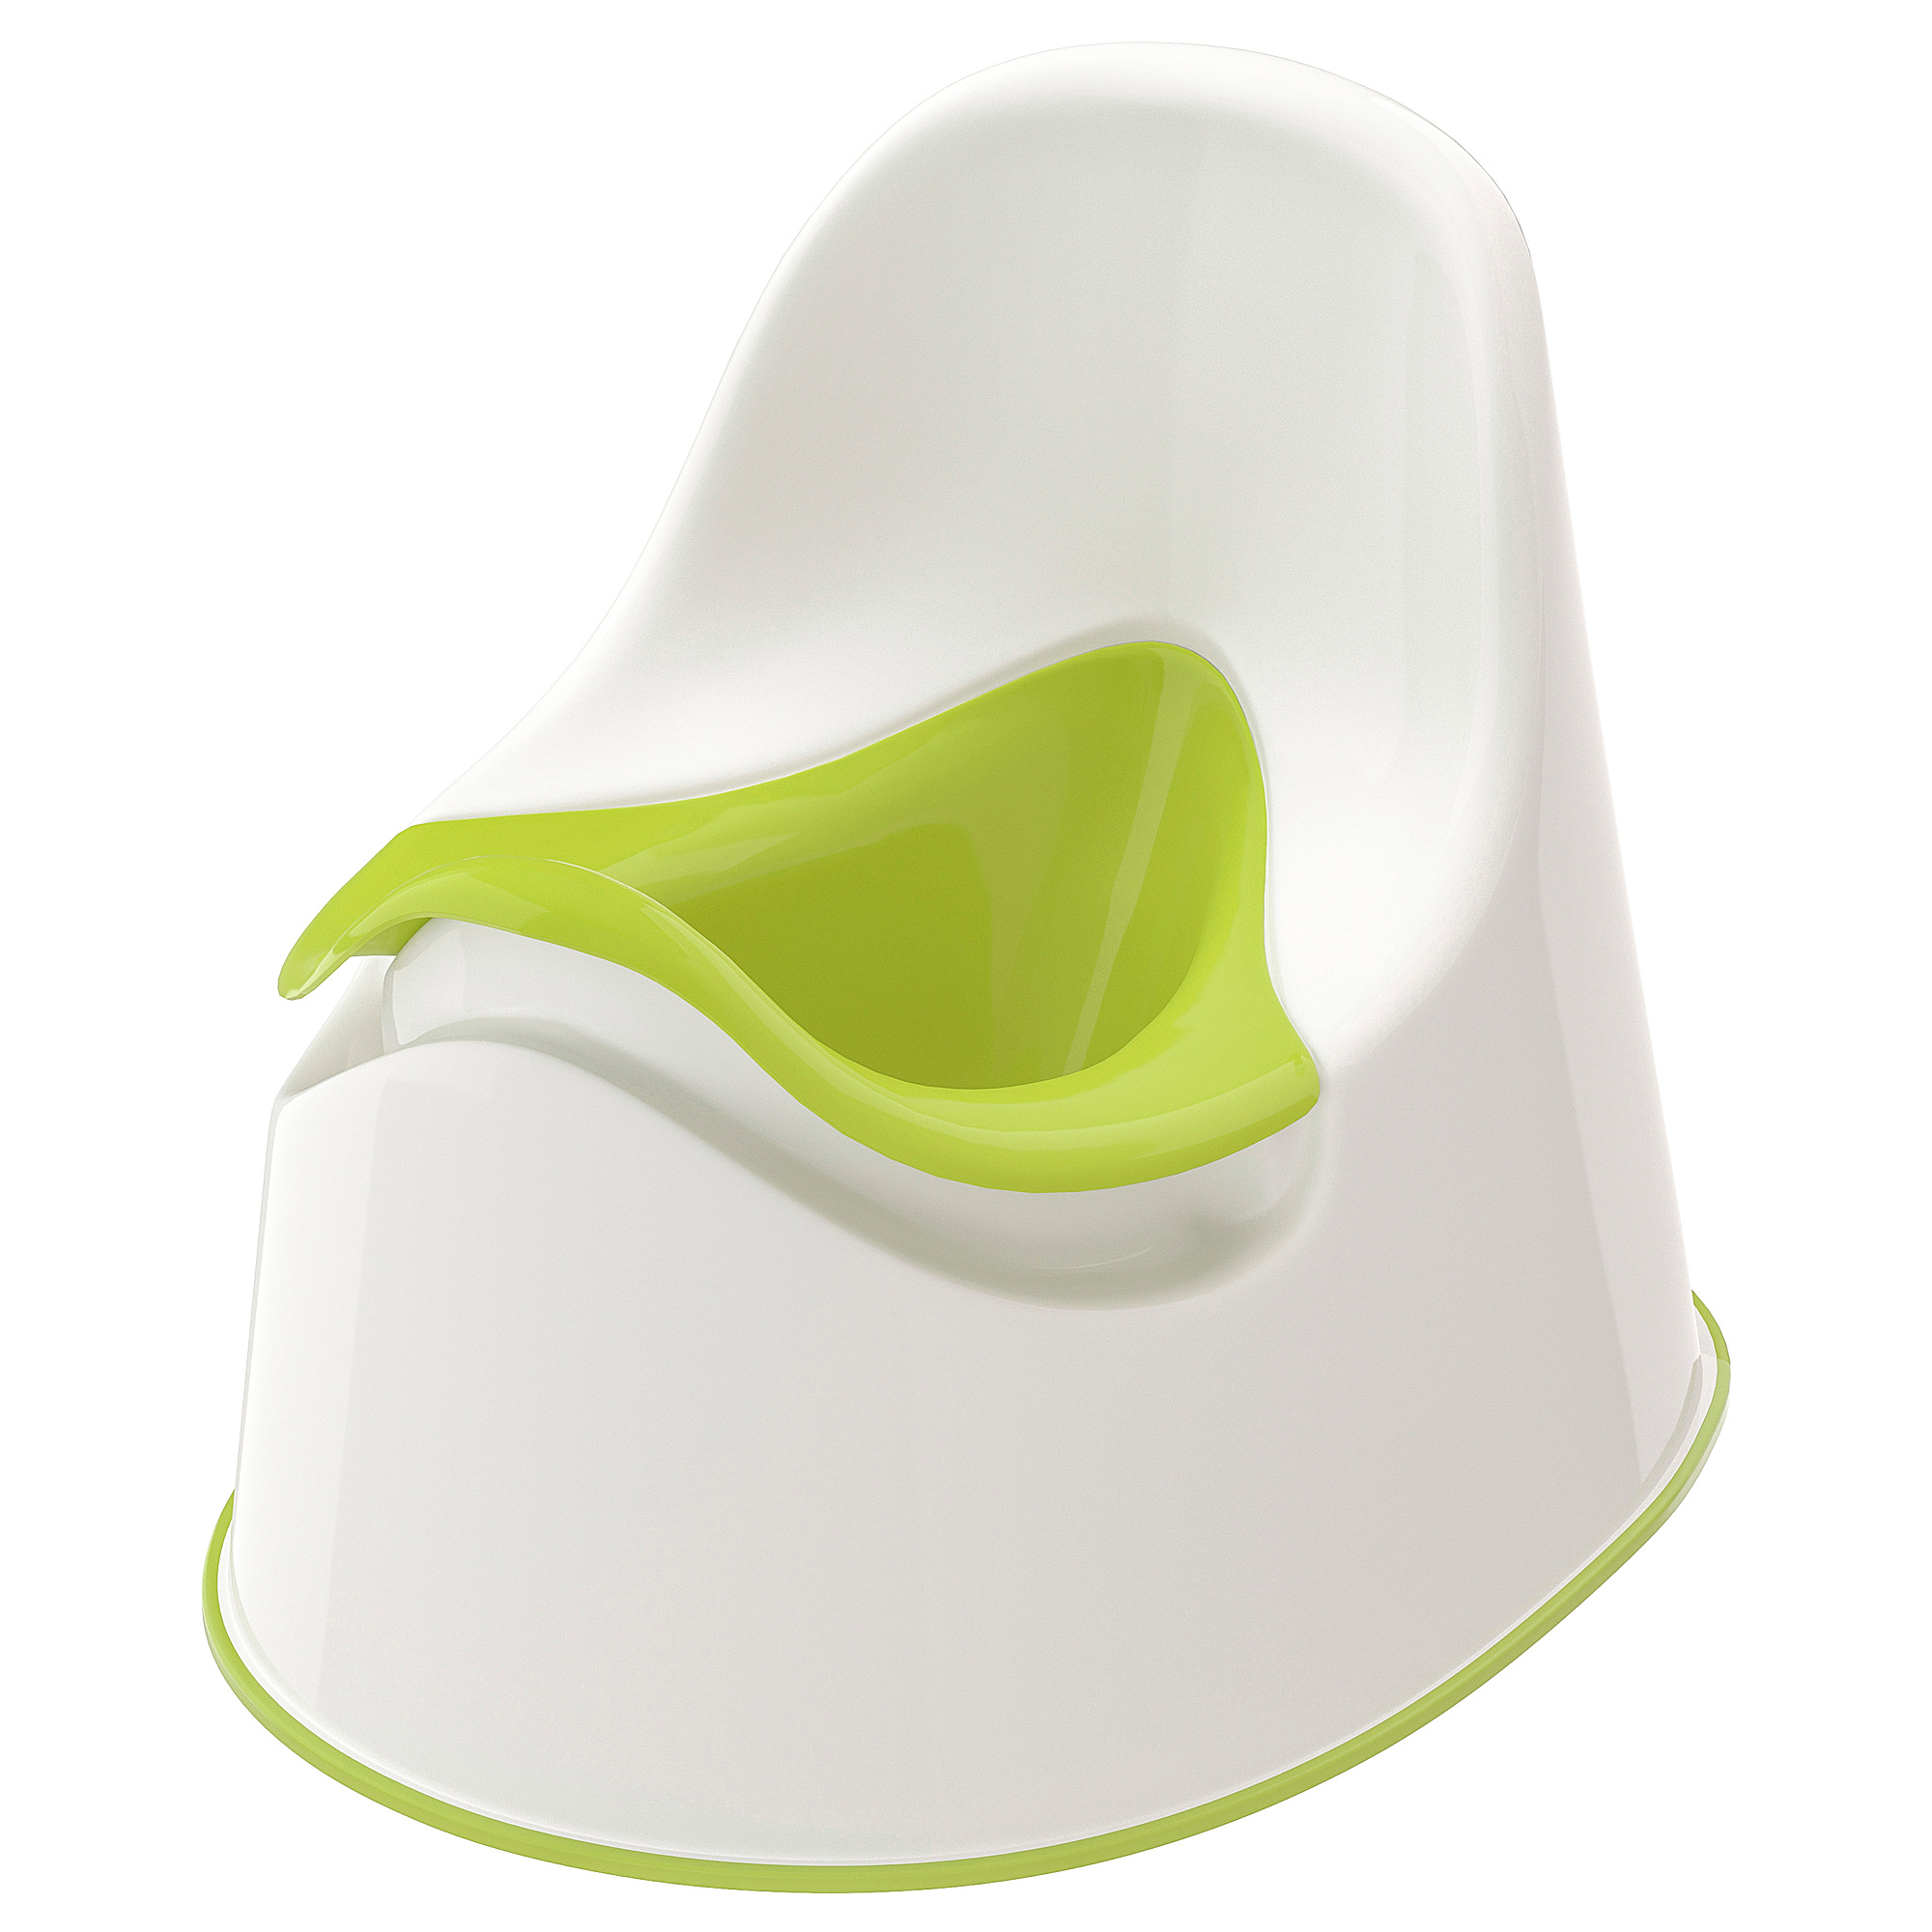 2 X Ikea Potty Training Toilet Seat White//Green